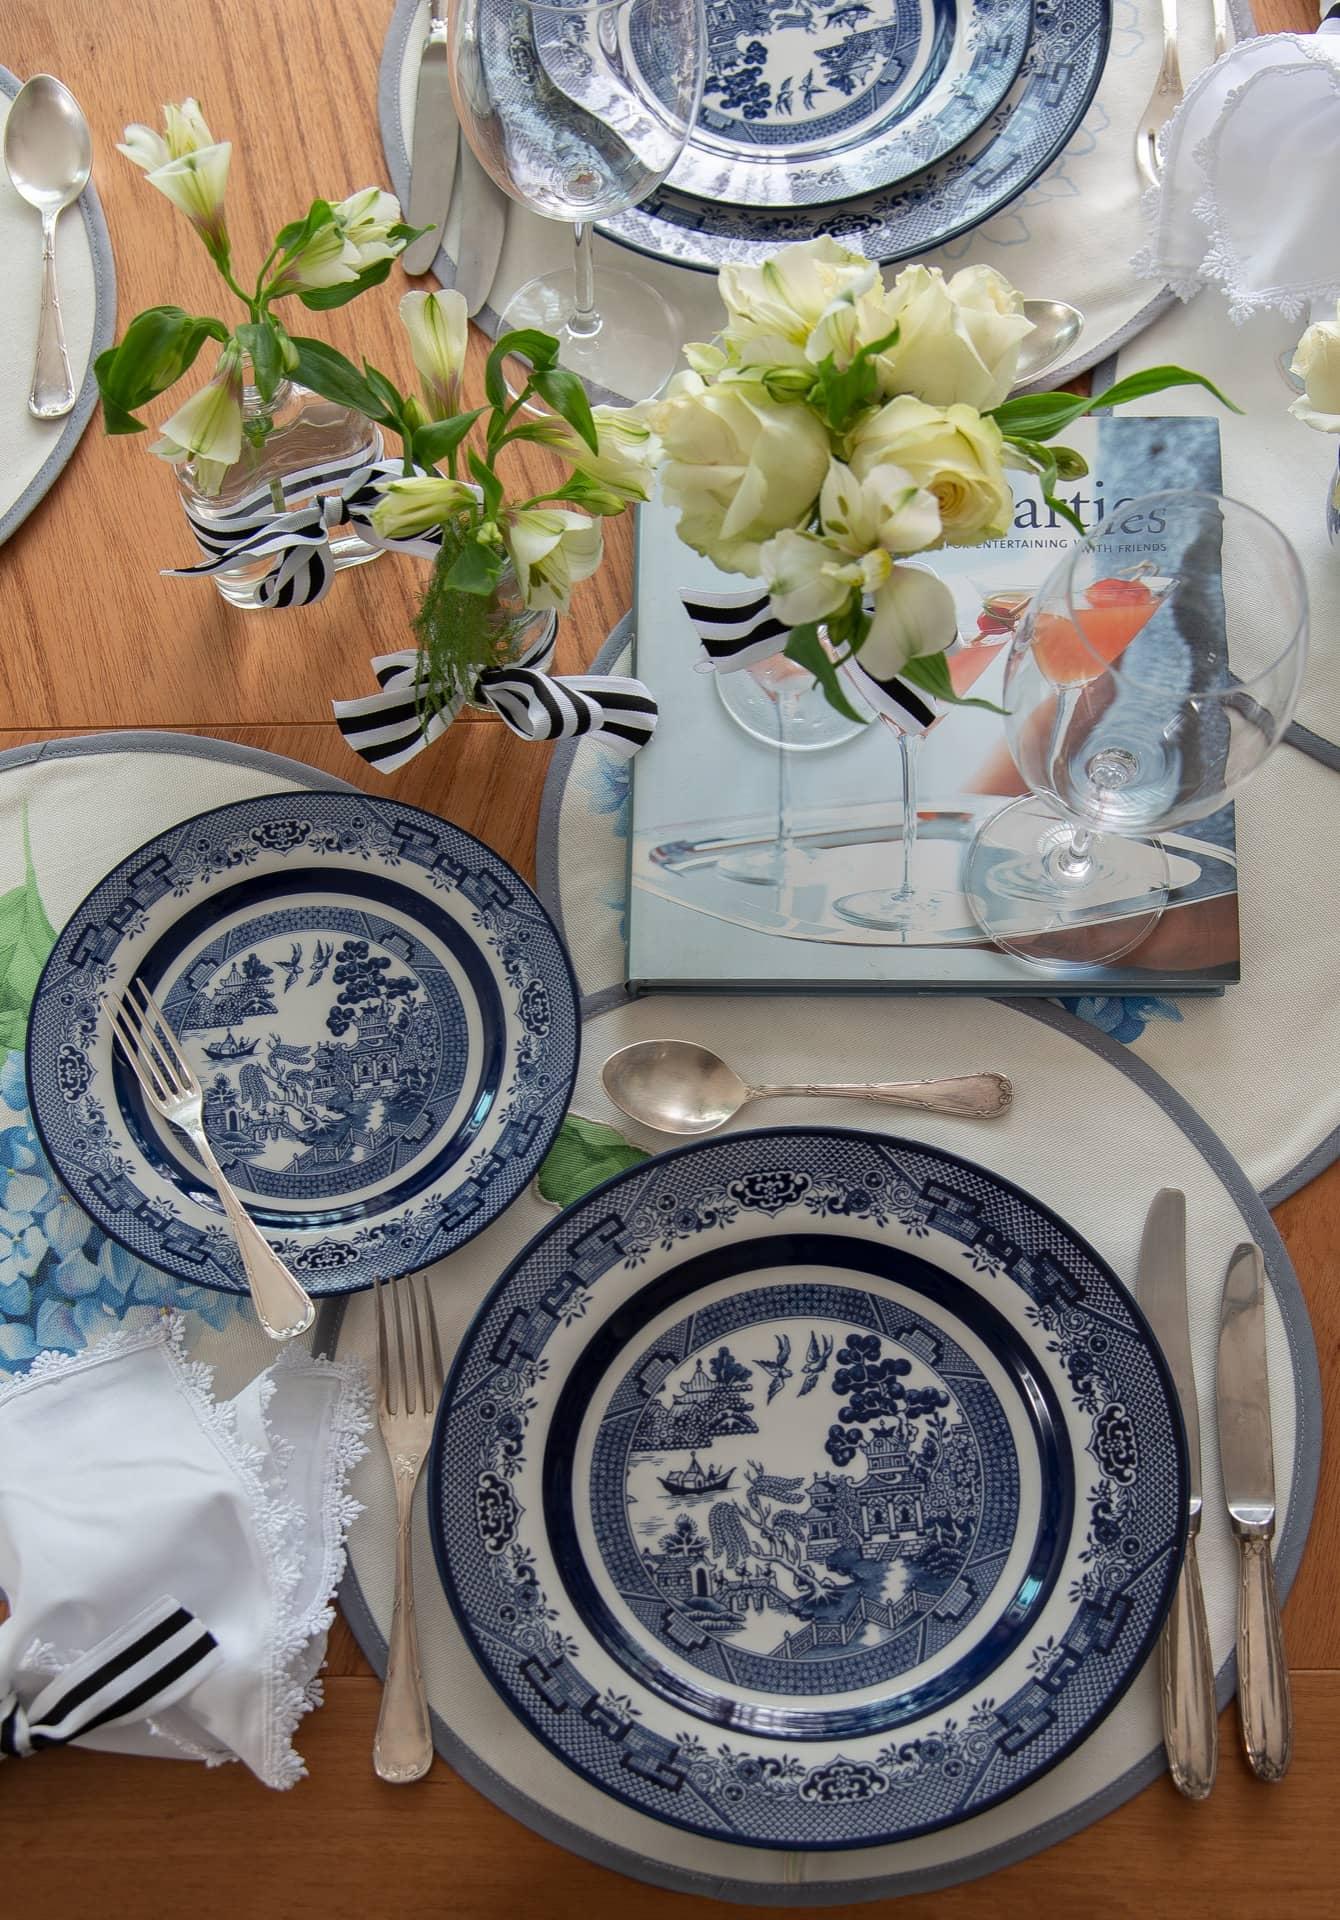 Imagem: Aqui, você confere os detalhes da famosa louça Blue Willow, da Oxford. Salgueiros, pagodes, barcos, pinheiros e pássaros aparecem em desenhos detalhados, em tons de azul e branco, como manda a tradição chinesa. As taças são daOxford Alumina Crystal. Foto:Cacá Bratke